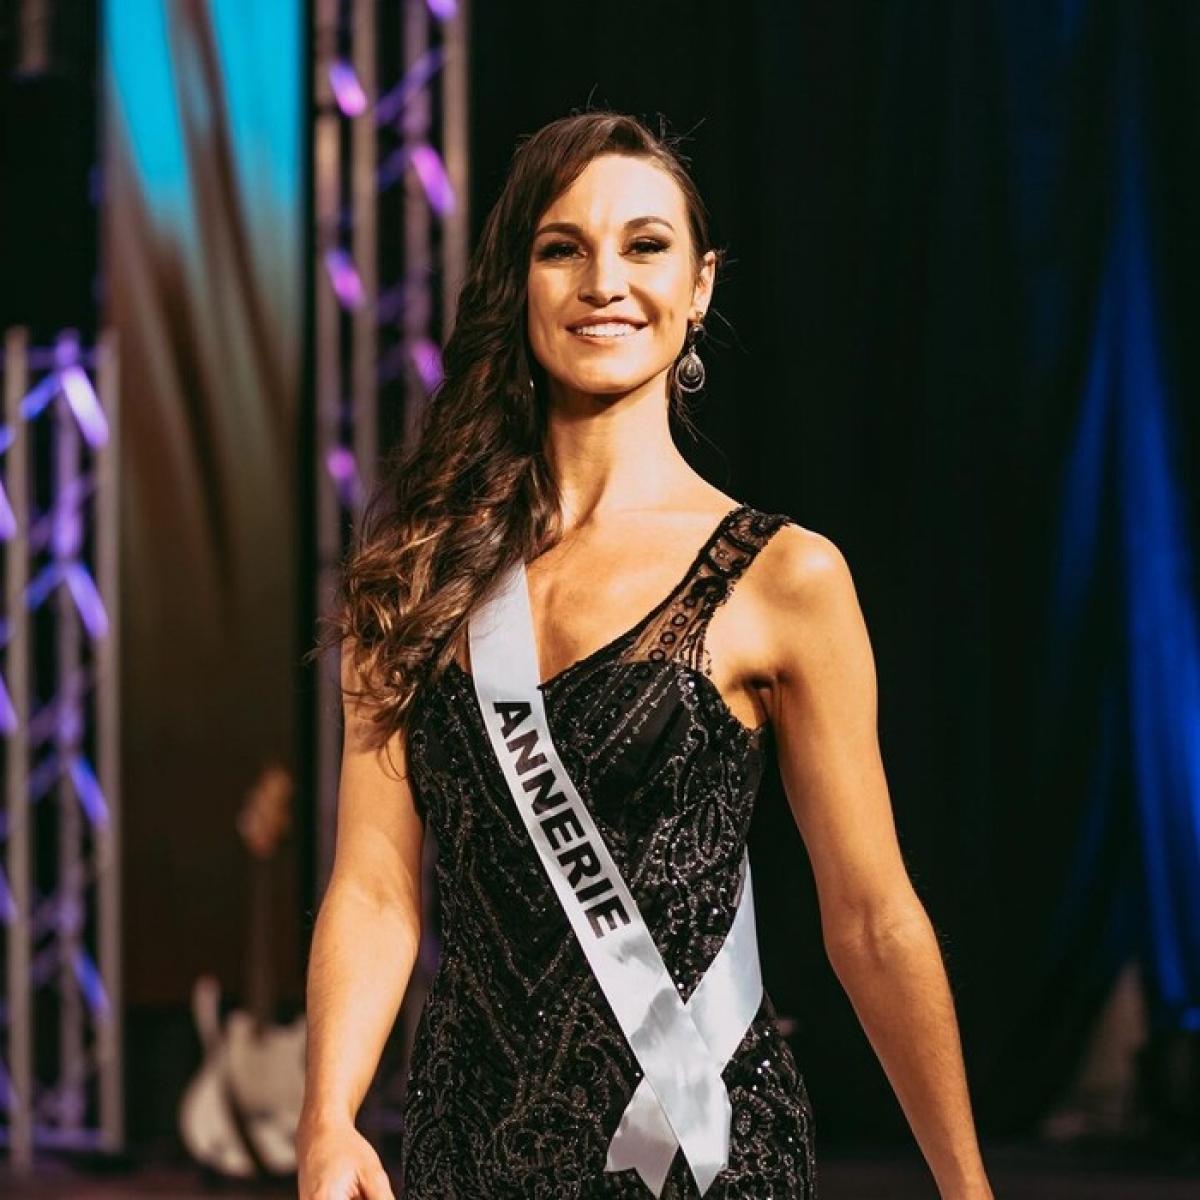 Như vậy, cô sẽ đại diện cho Namibia tham dự cuộc thi Miss World 2021 vào tháng 11 tới tại Puerto Rico cùng với Hoa hậu Đỗ Thị Hà.